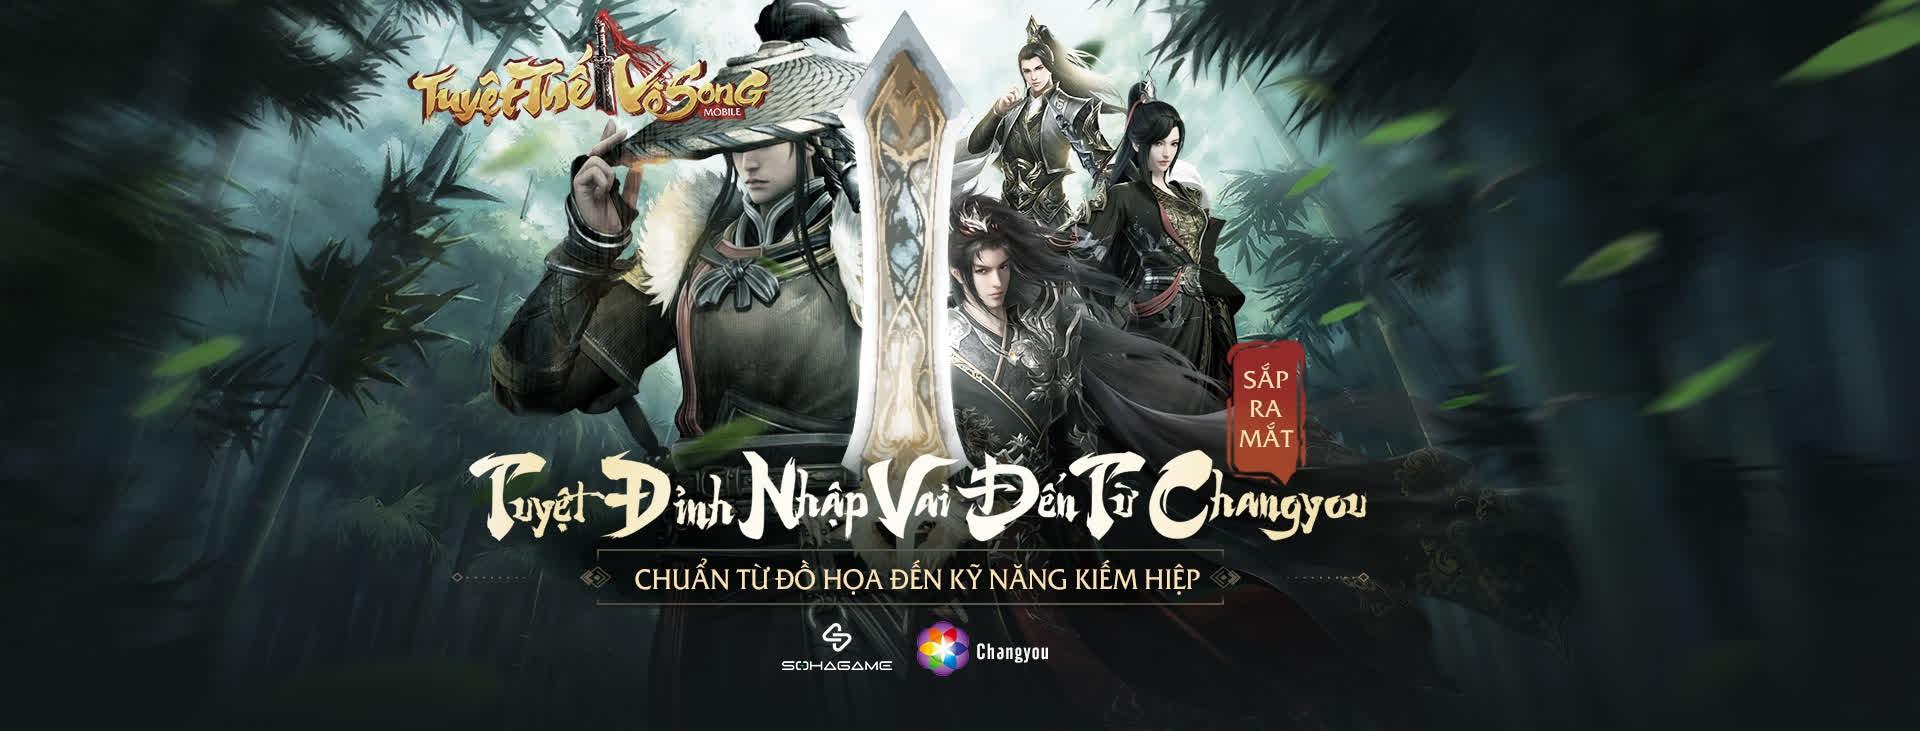 Những tân binh tiềm năng khuấy động BXH game Việt đầu tháng 9